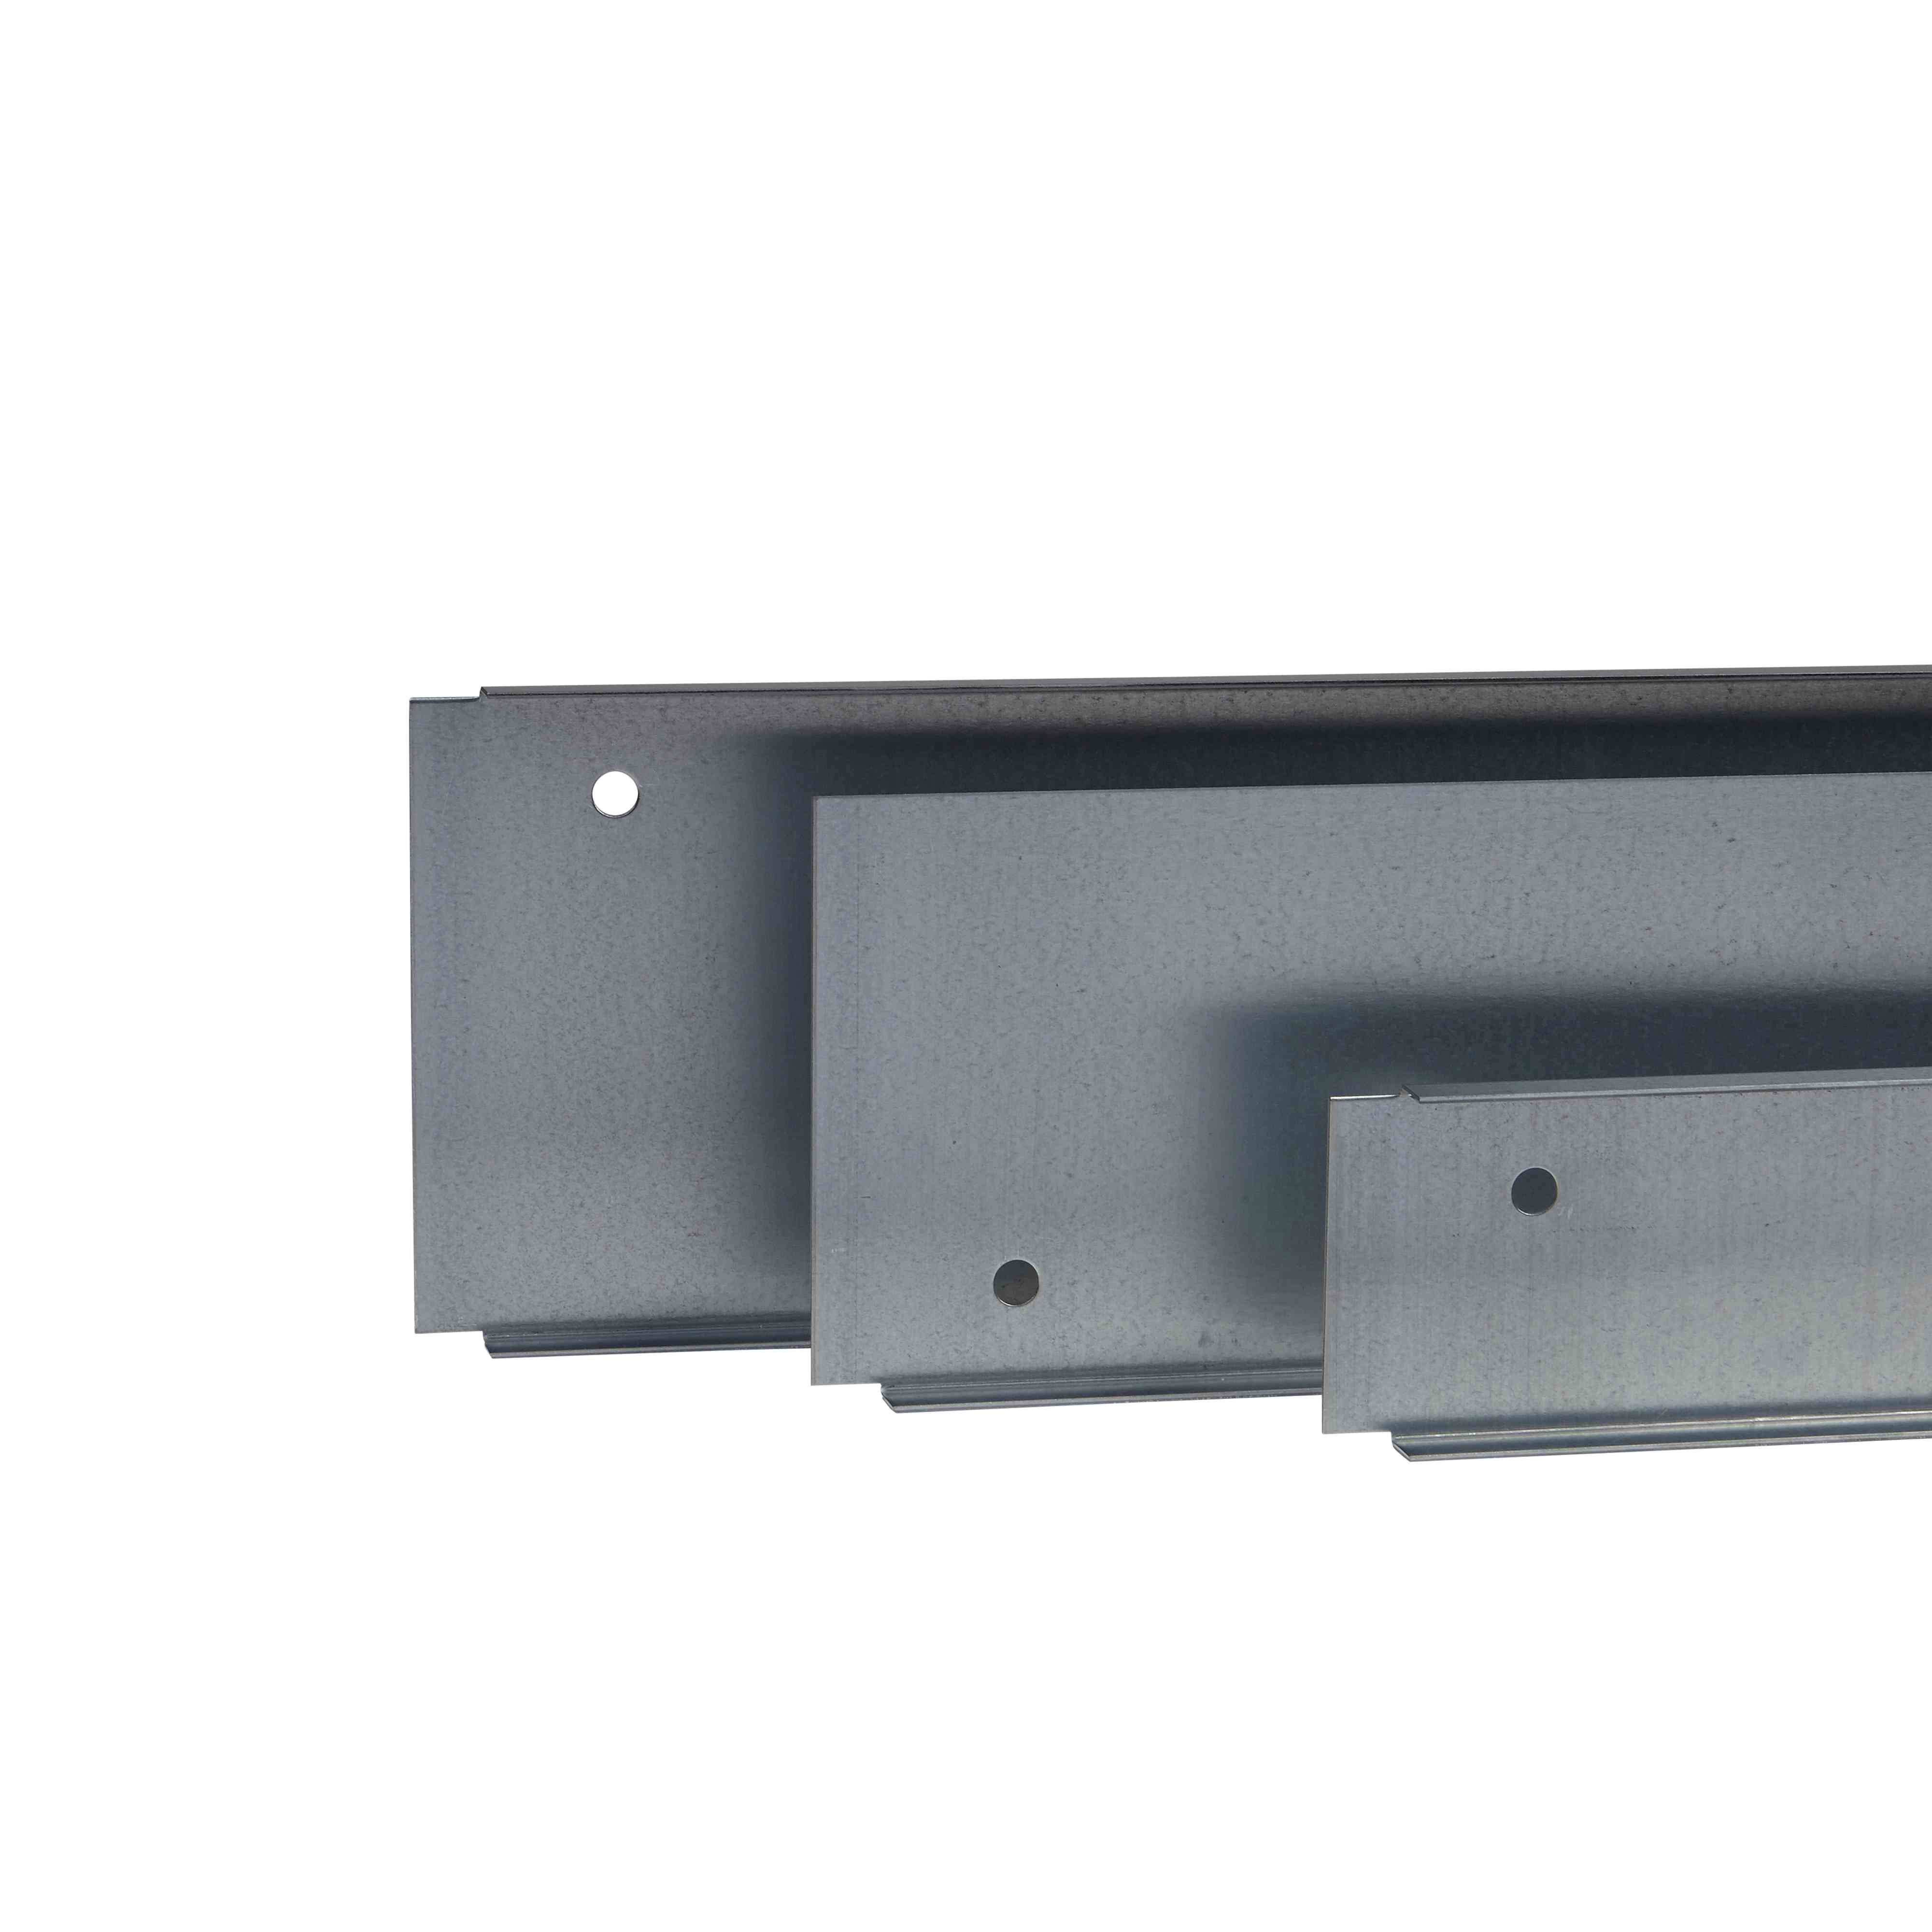 Spacial SF plošča kab. uvodnice z 2 vh. - pritr. s sponkami - 1200 x 800 mm